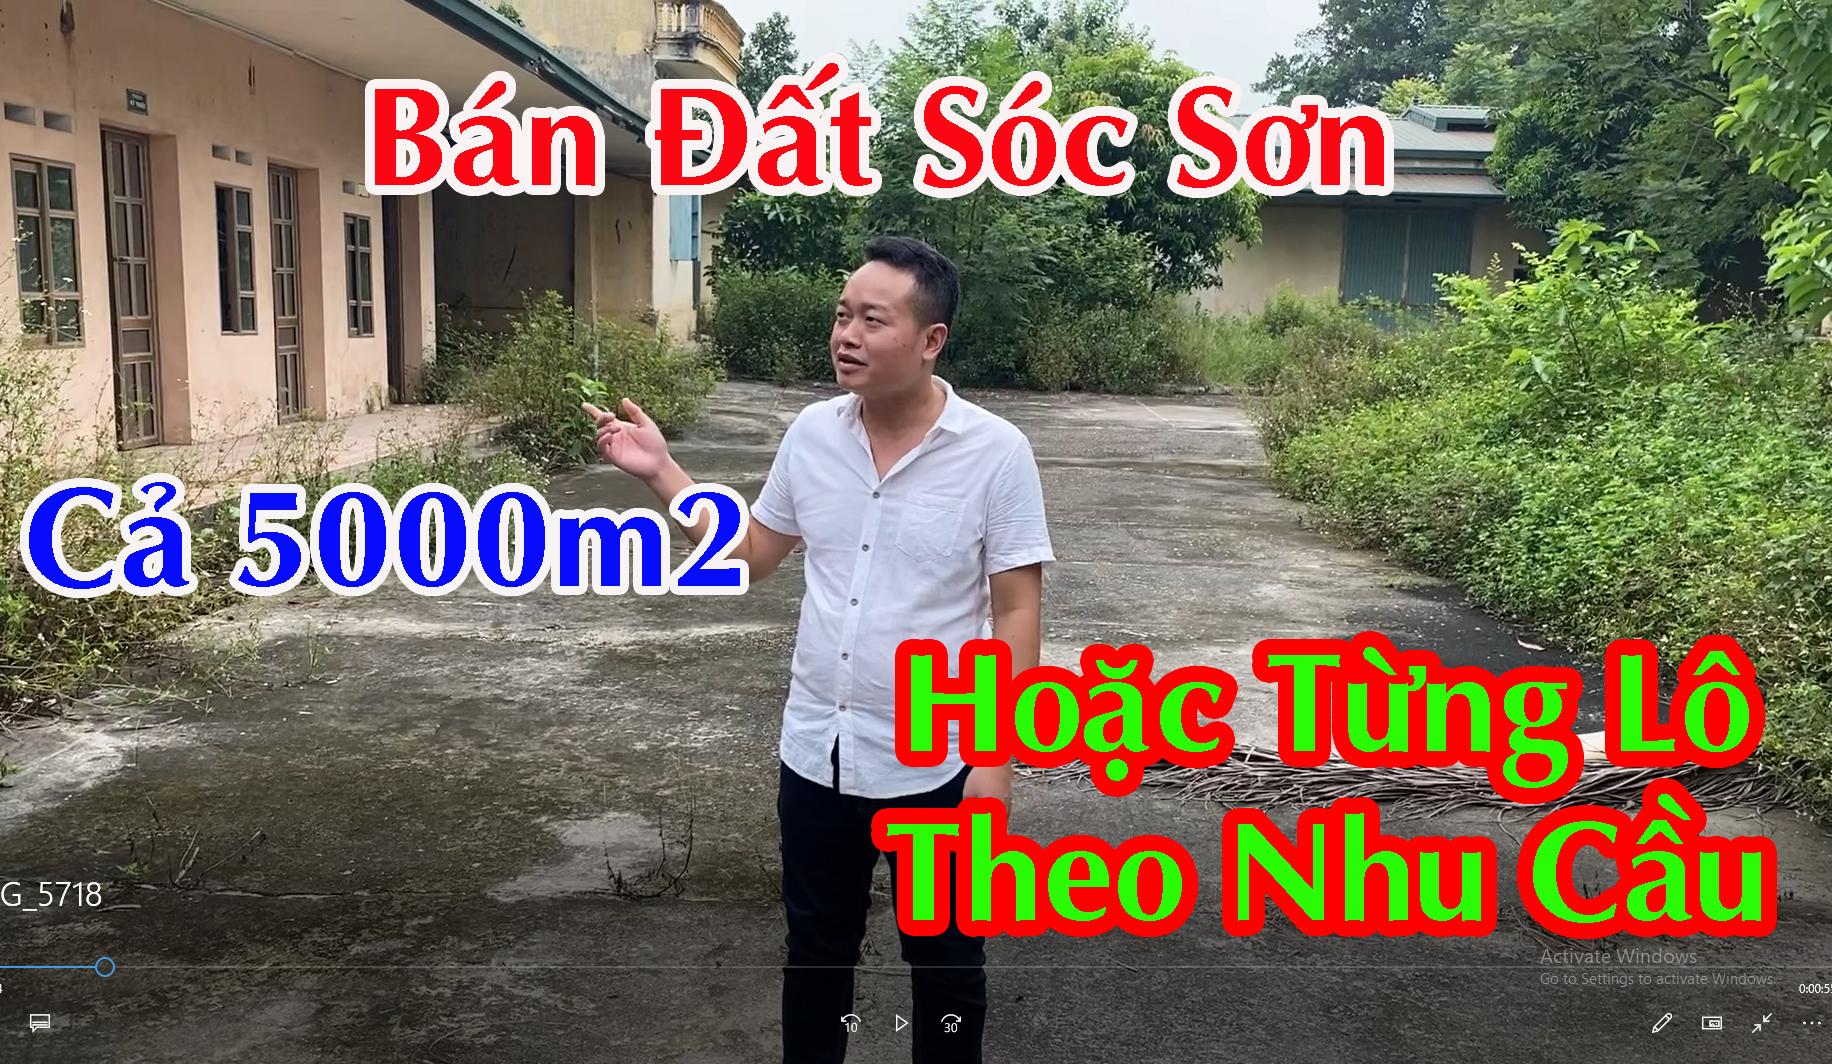 Chính Chủ Bán Đất SÓC SƠN Cả 5000m2 hoặc Mua Từng Lô Theo Nhu Cầu